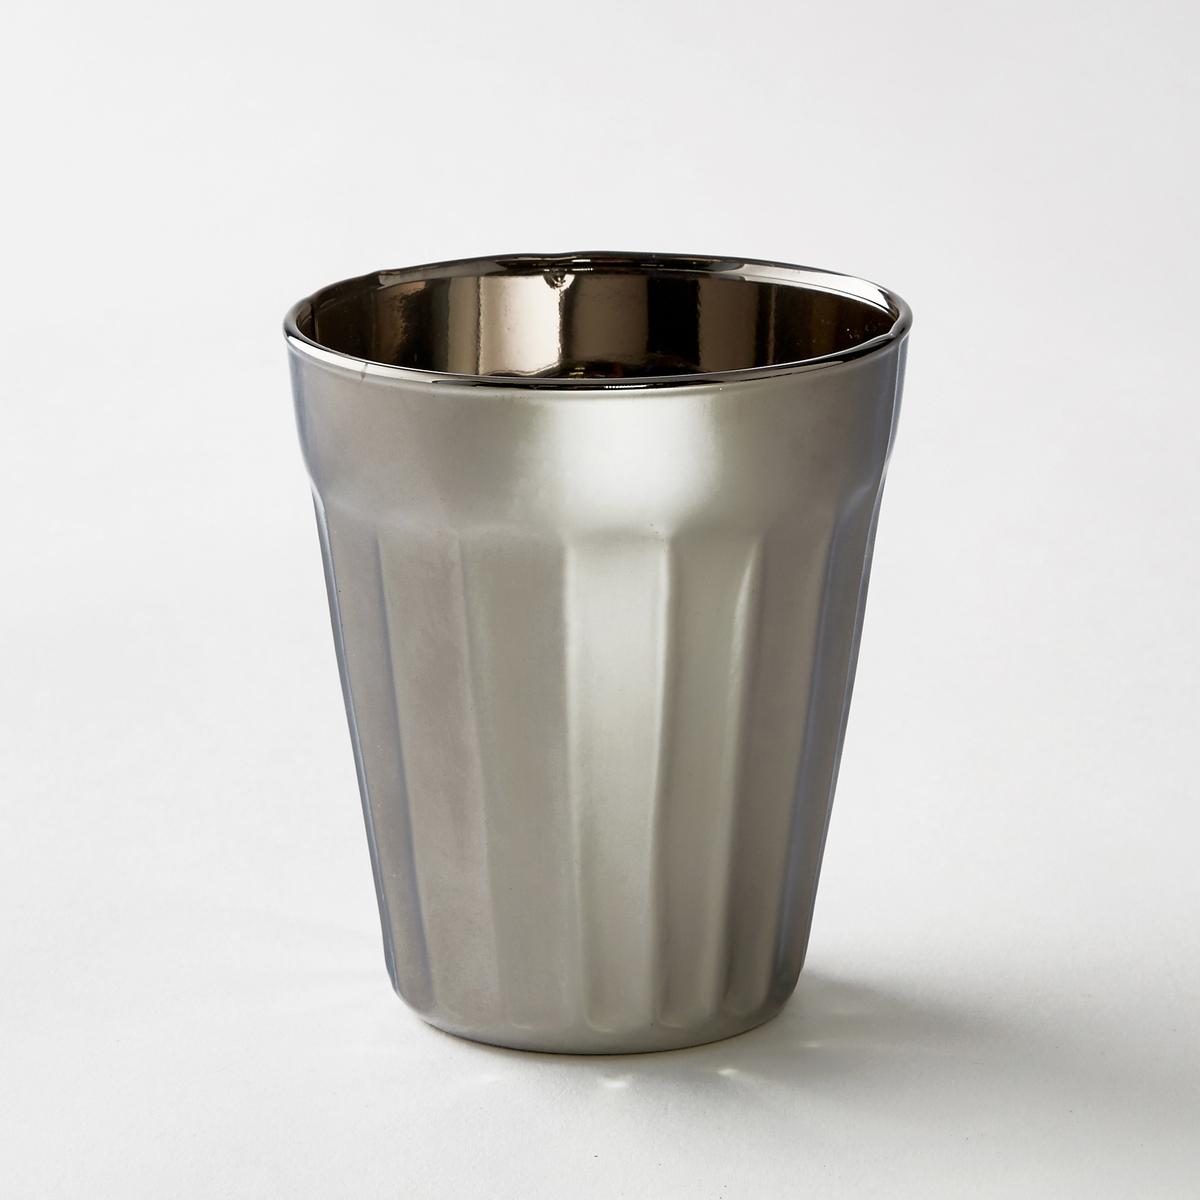 4 стакана серебристых маленькая модель Tagla4 стакана из стекла с гранями Tagla.  Размер . : диаметр 10 x высота 8,5 см.<br><br>Цвет: серый металлик